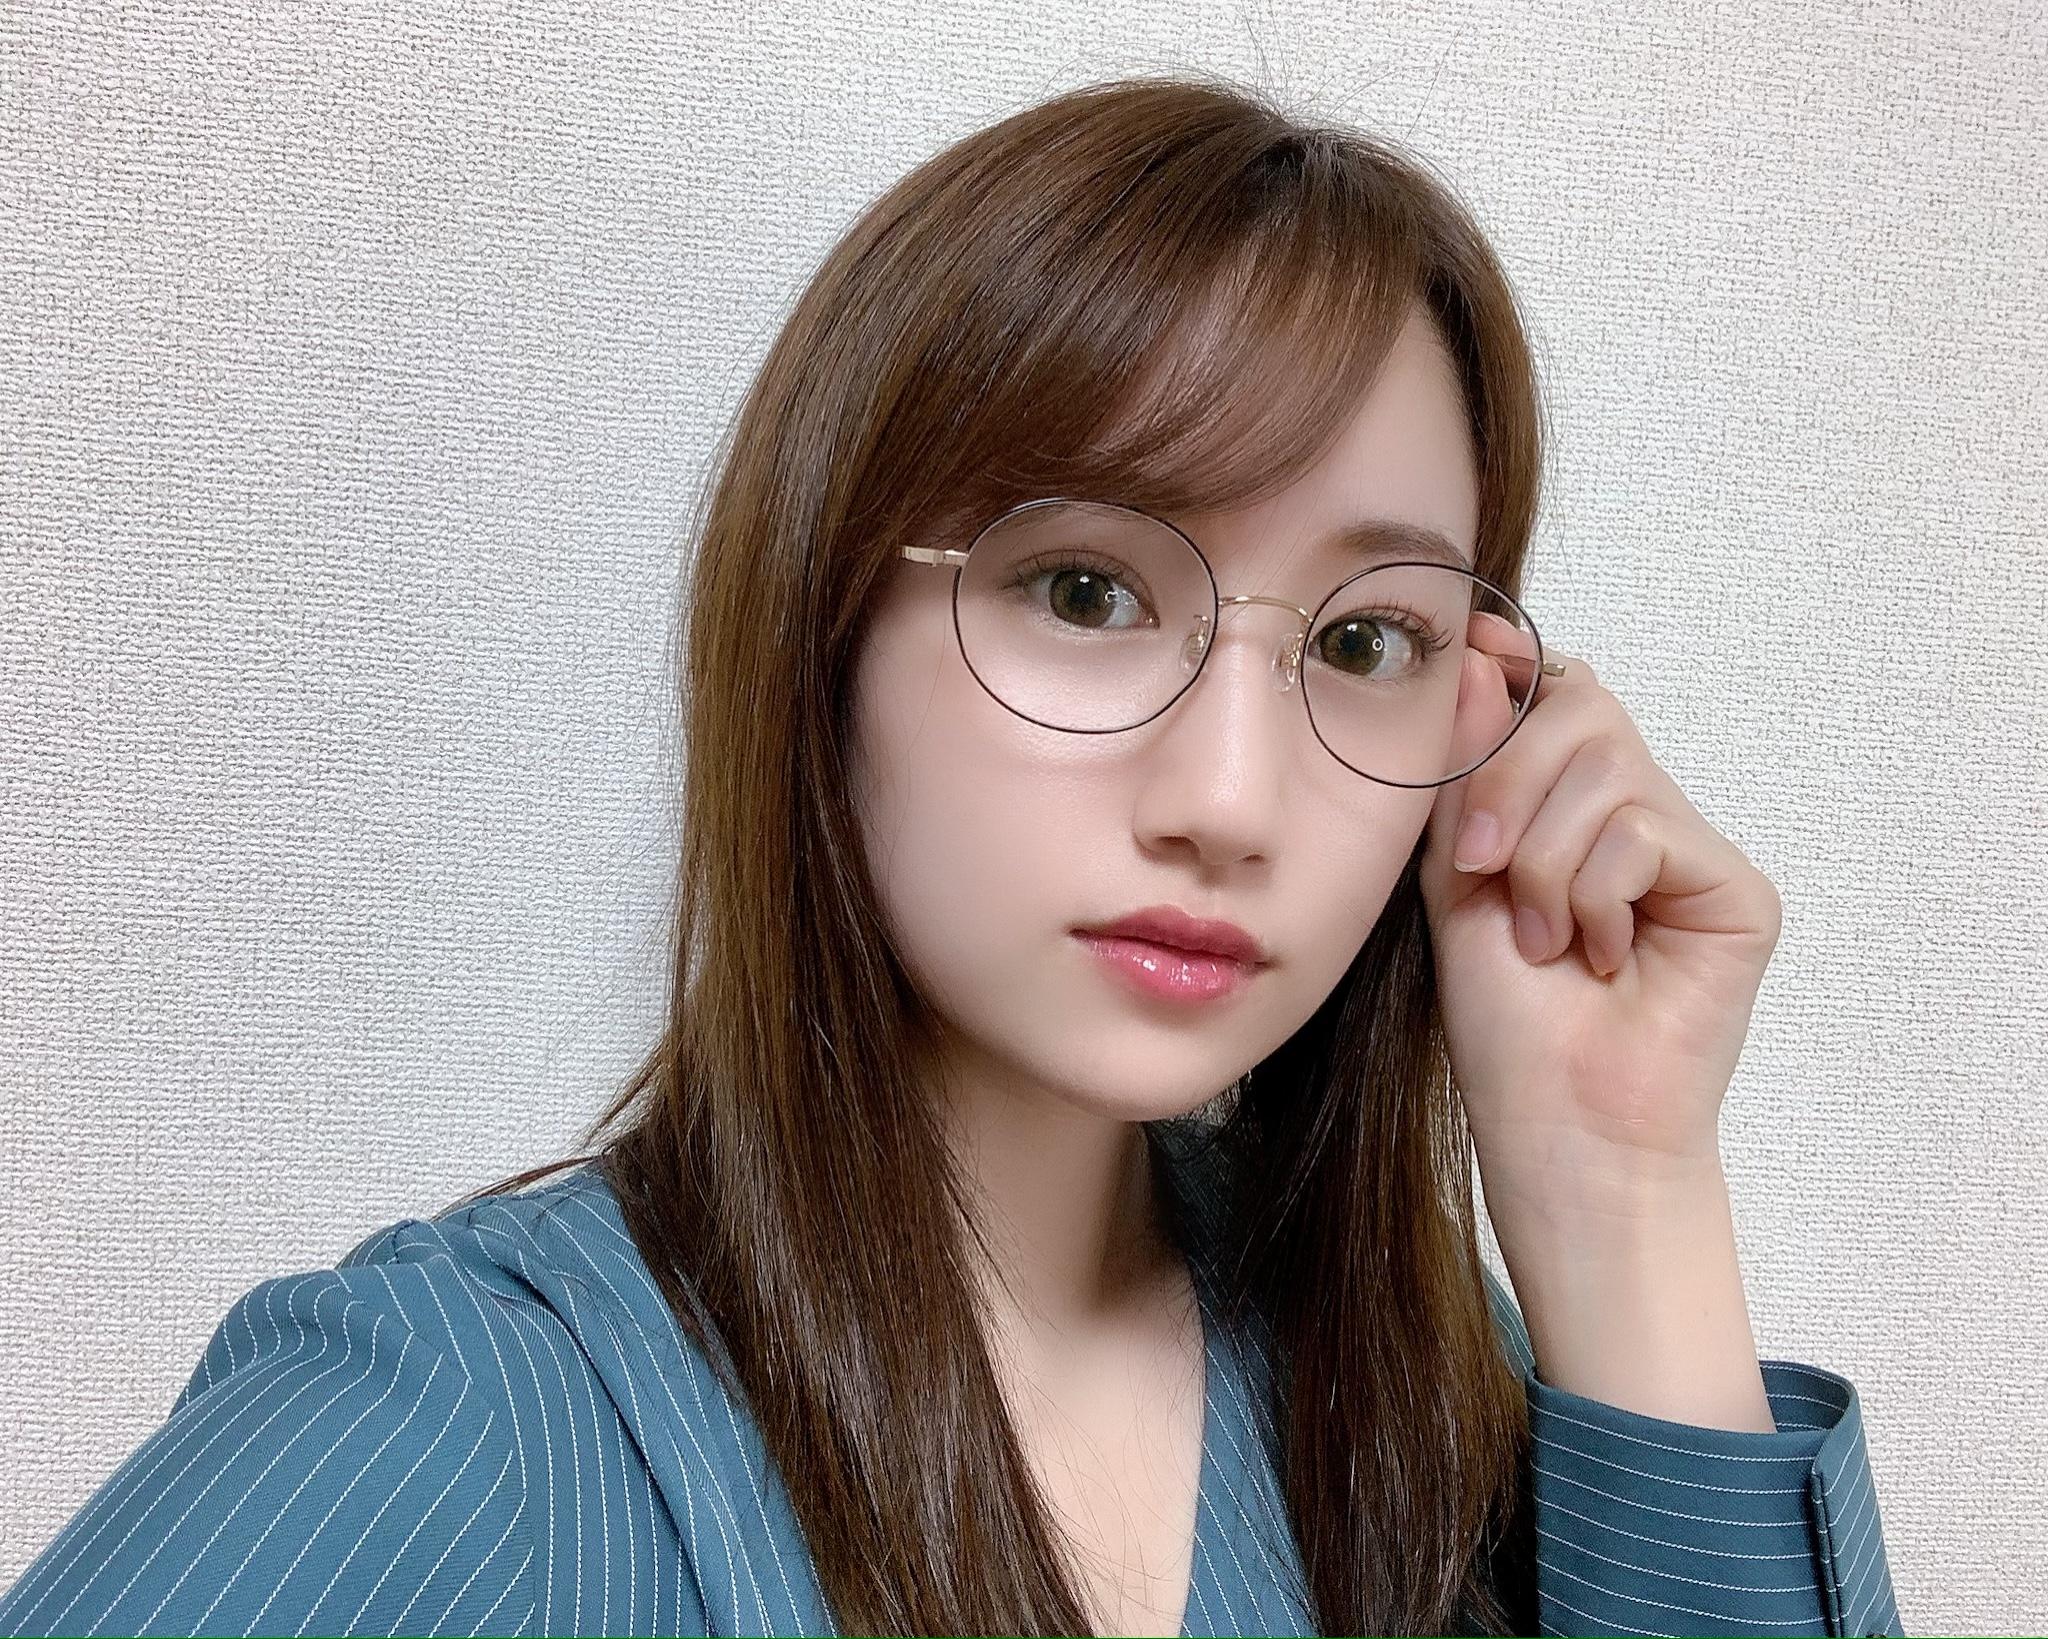 【メガネ主体のメイクが可愛い】JINS×イガリシノブのメーキャップメガネ_2